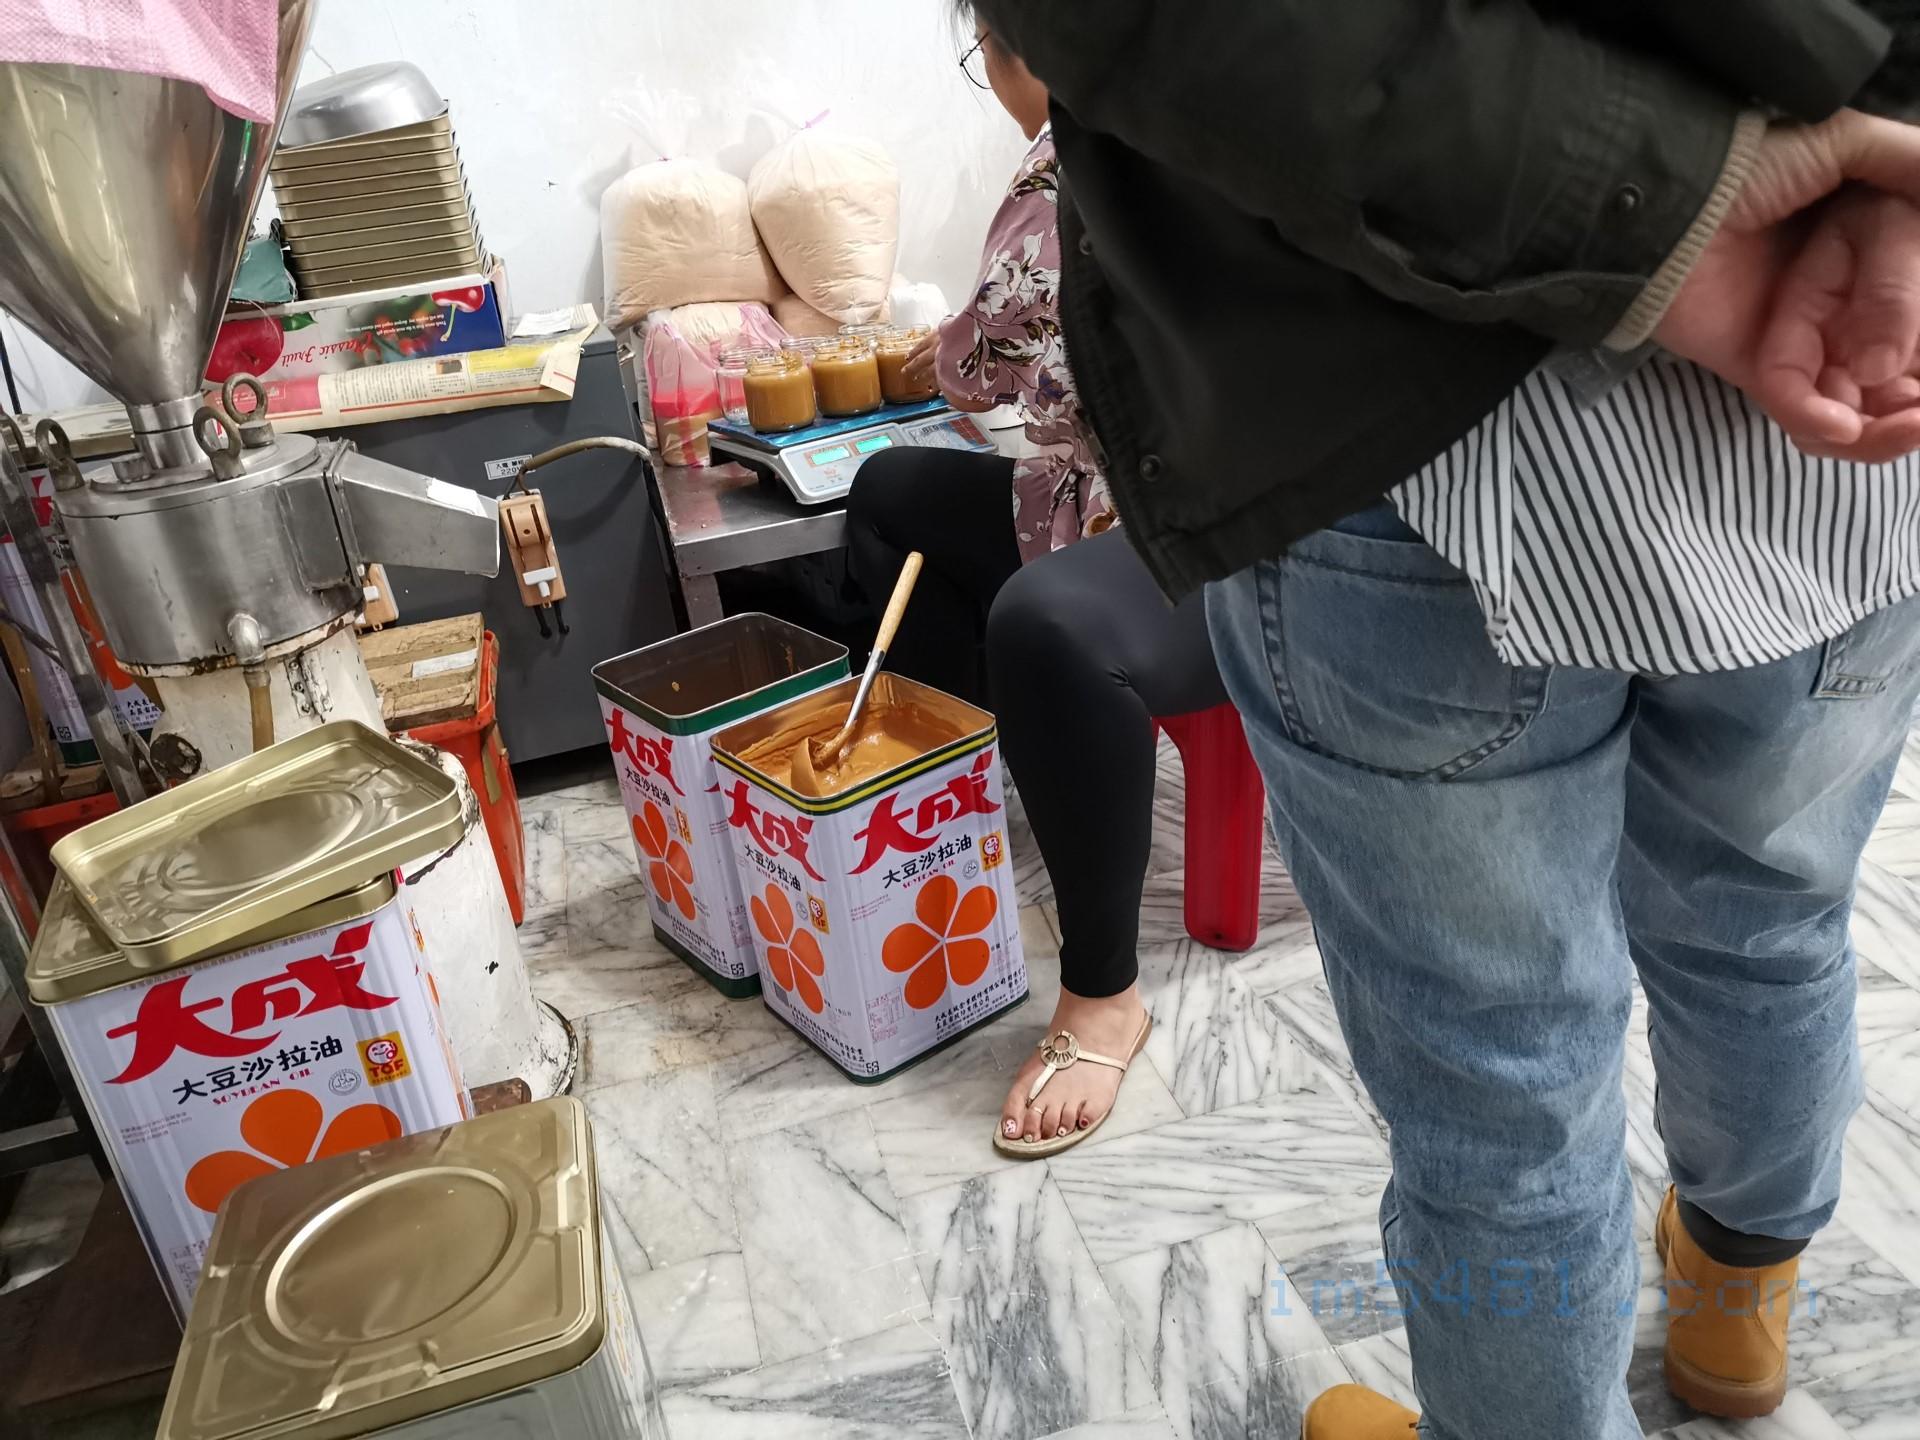 老闆女兒正幫忙裝客人的花生醬跟秤重